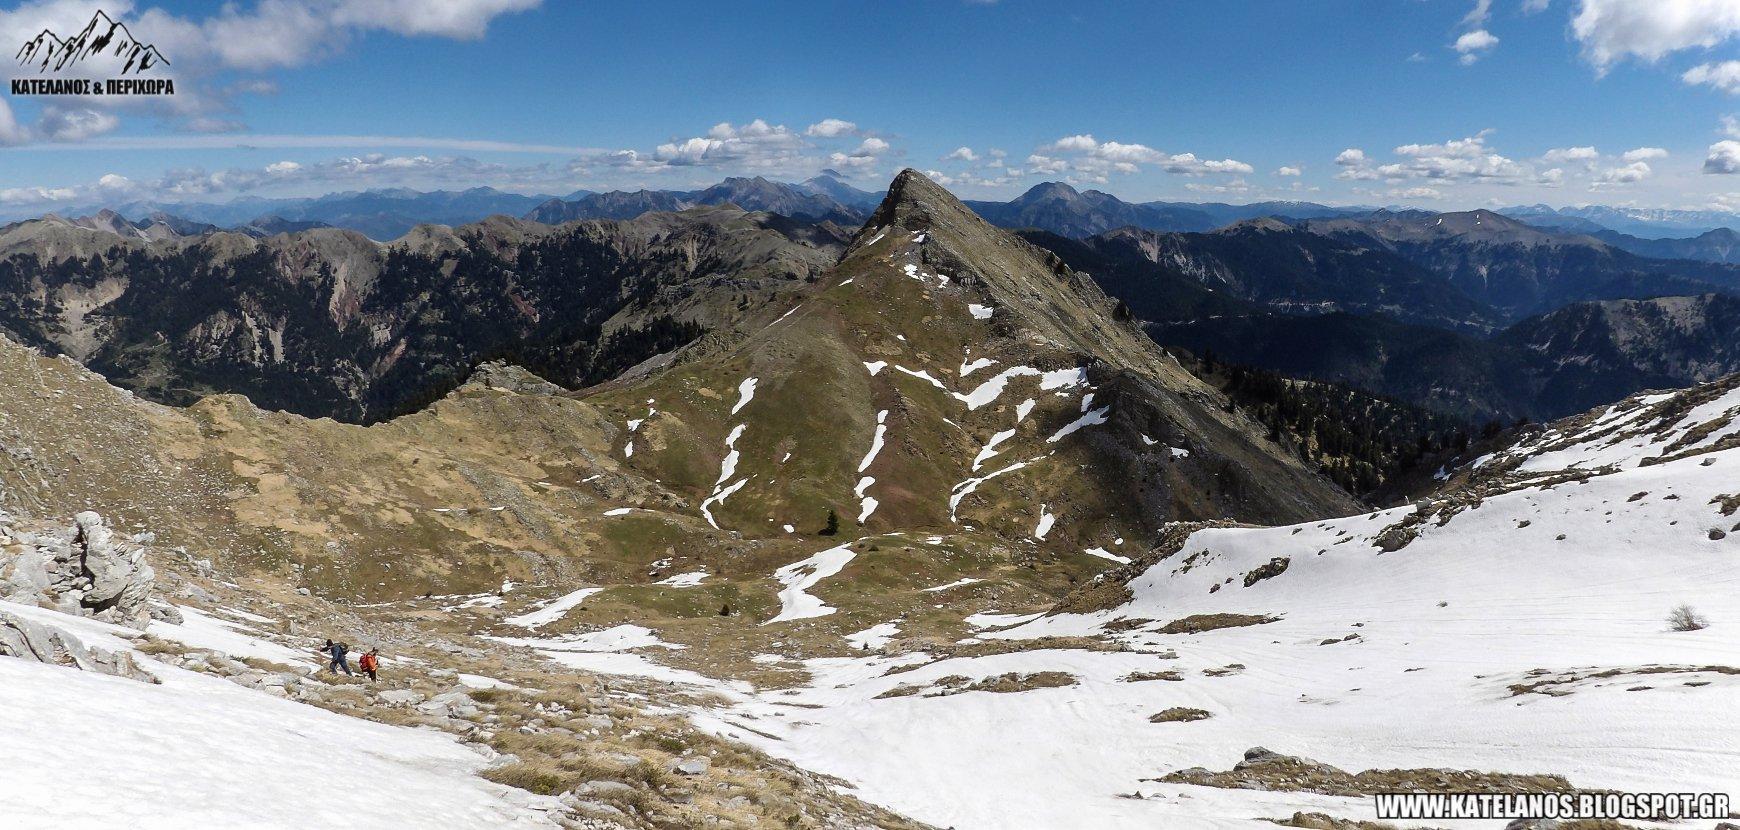 βουνο κατελανος διαδρομες